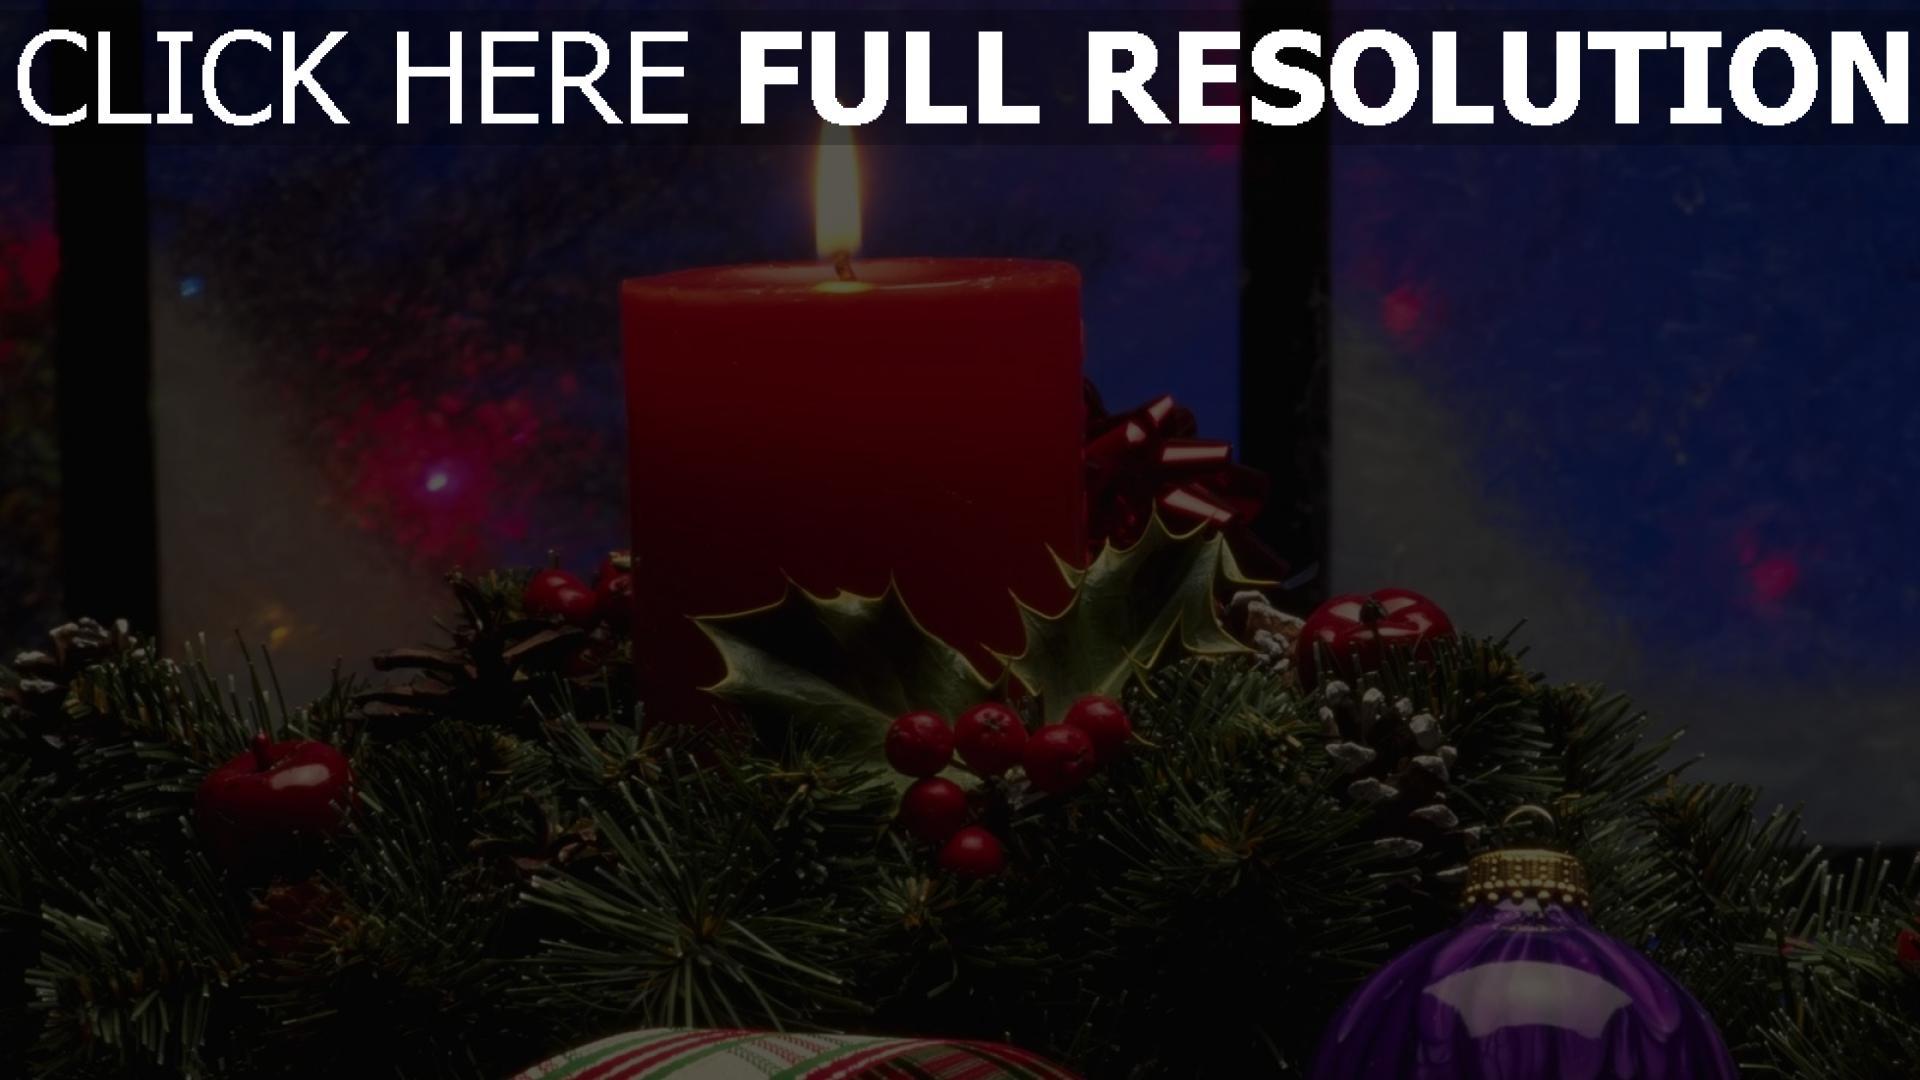 hd hintergrundbilder gewinde feiertag weihnachtsschmuck kerzen nadeln band 1920x1080